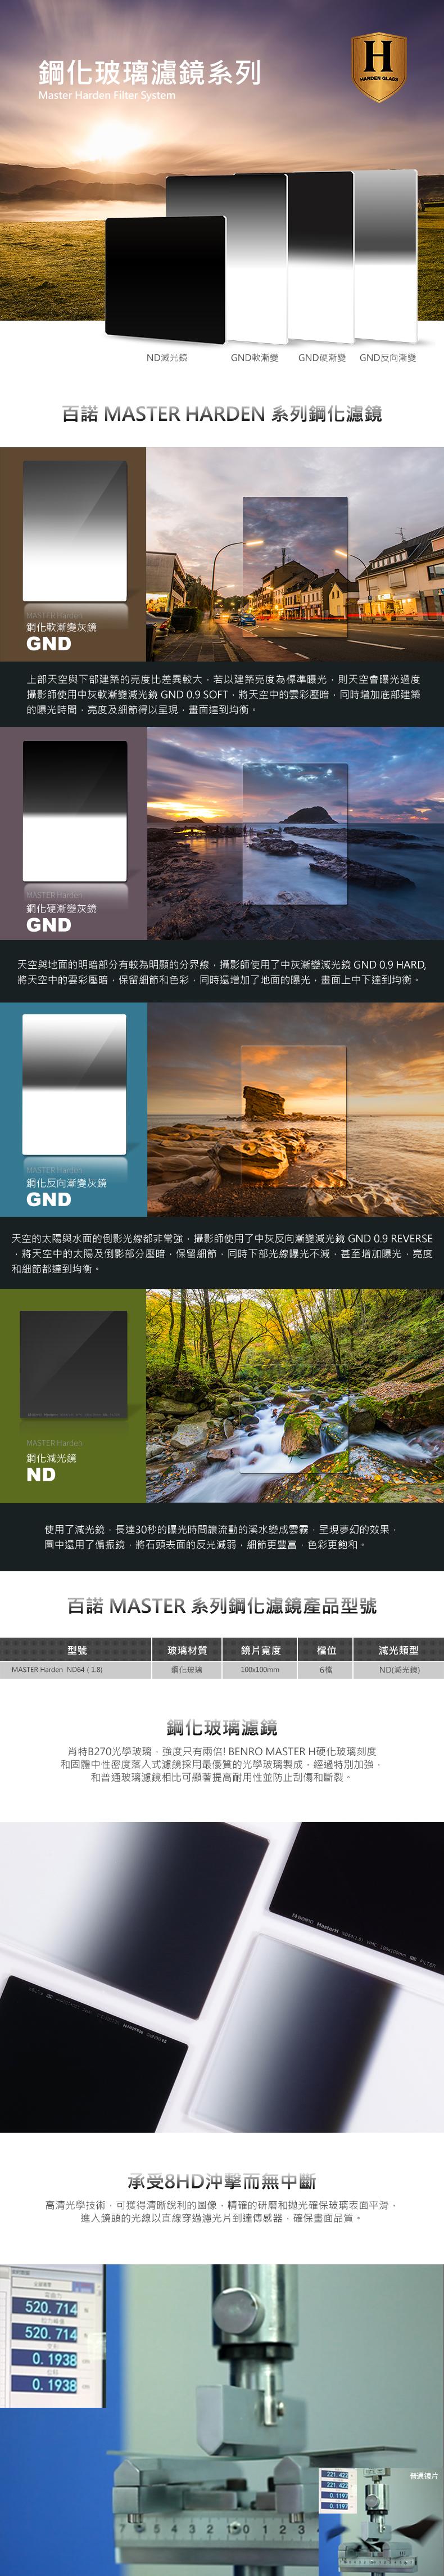 內容-ND-1.jpg